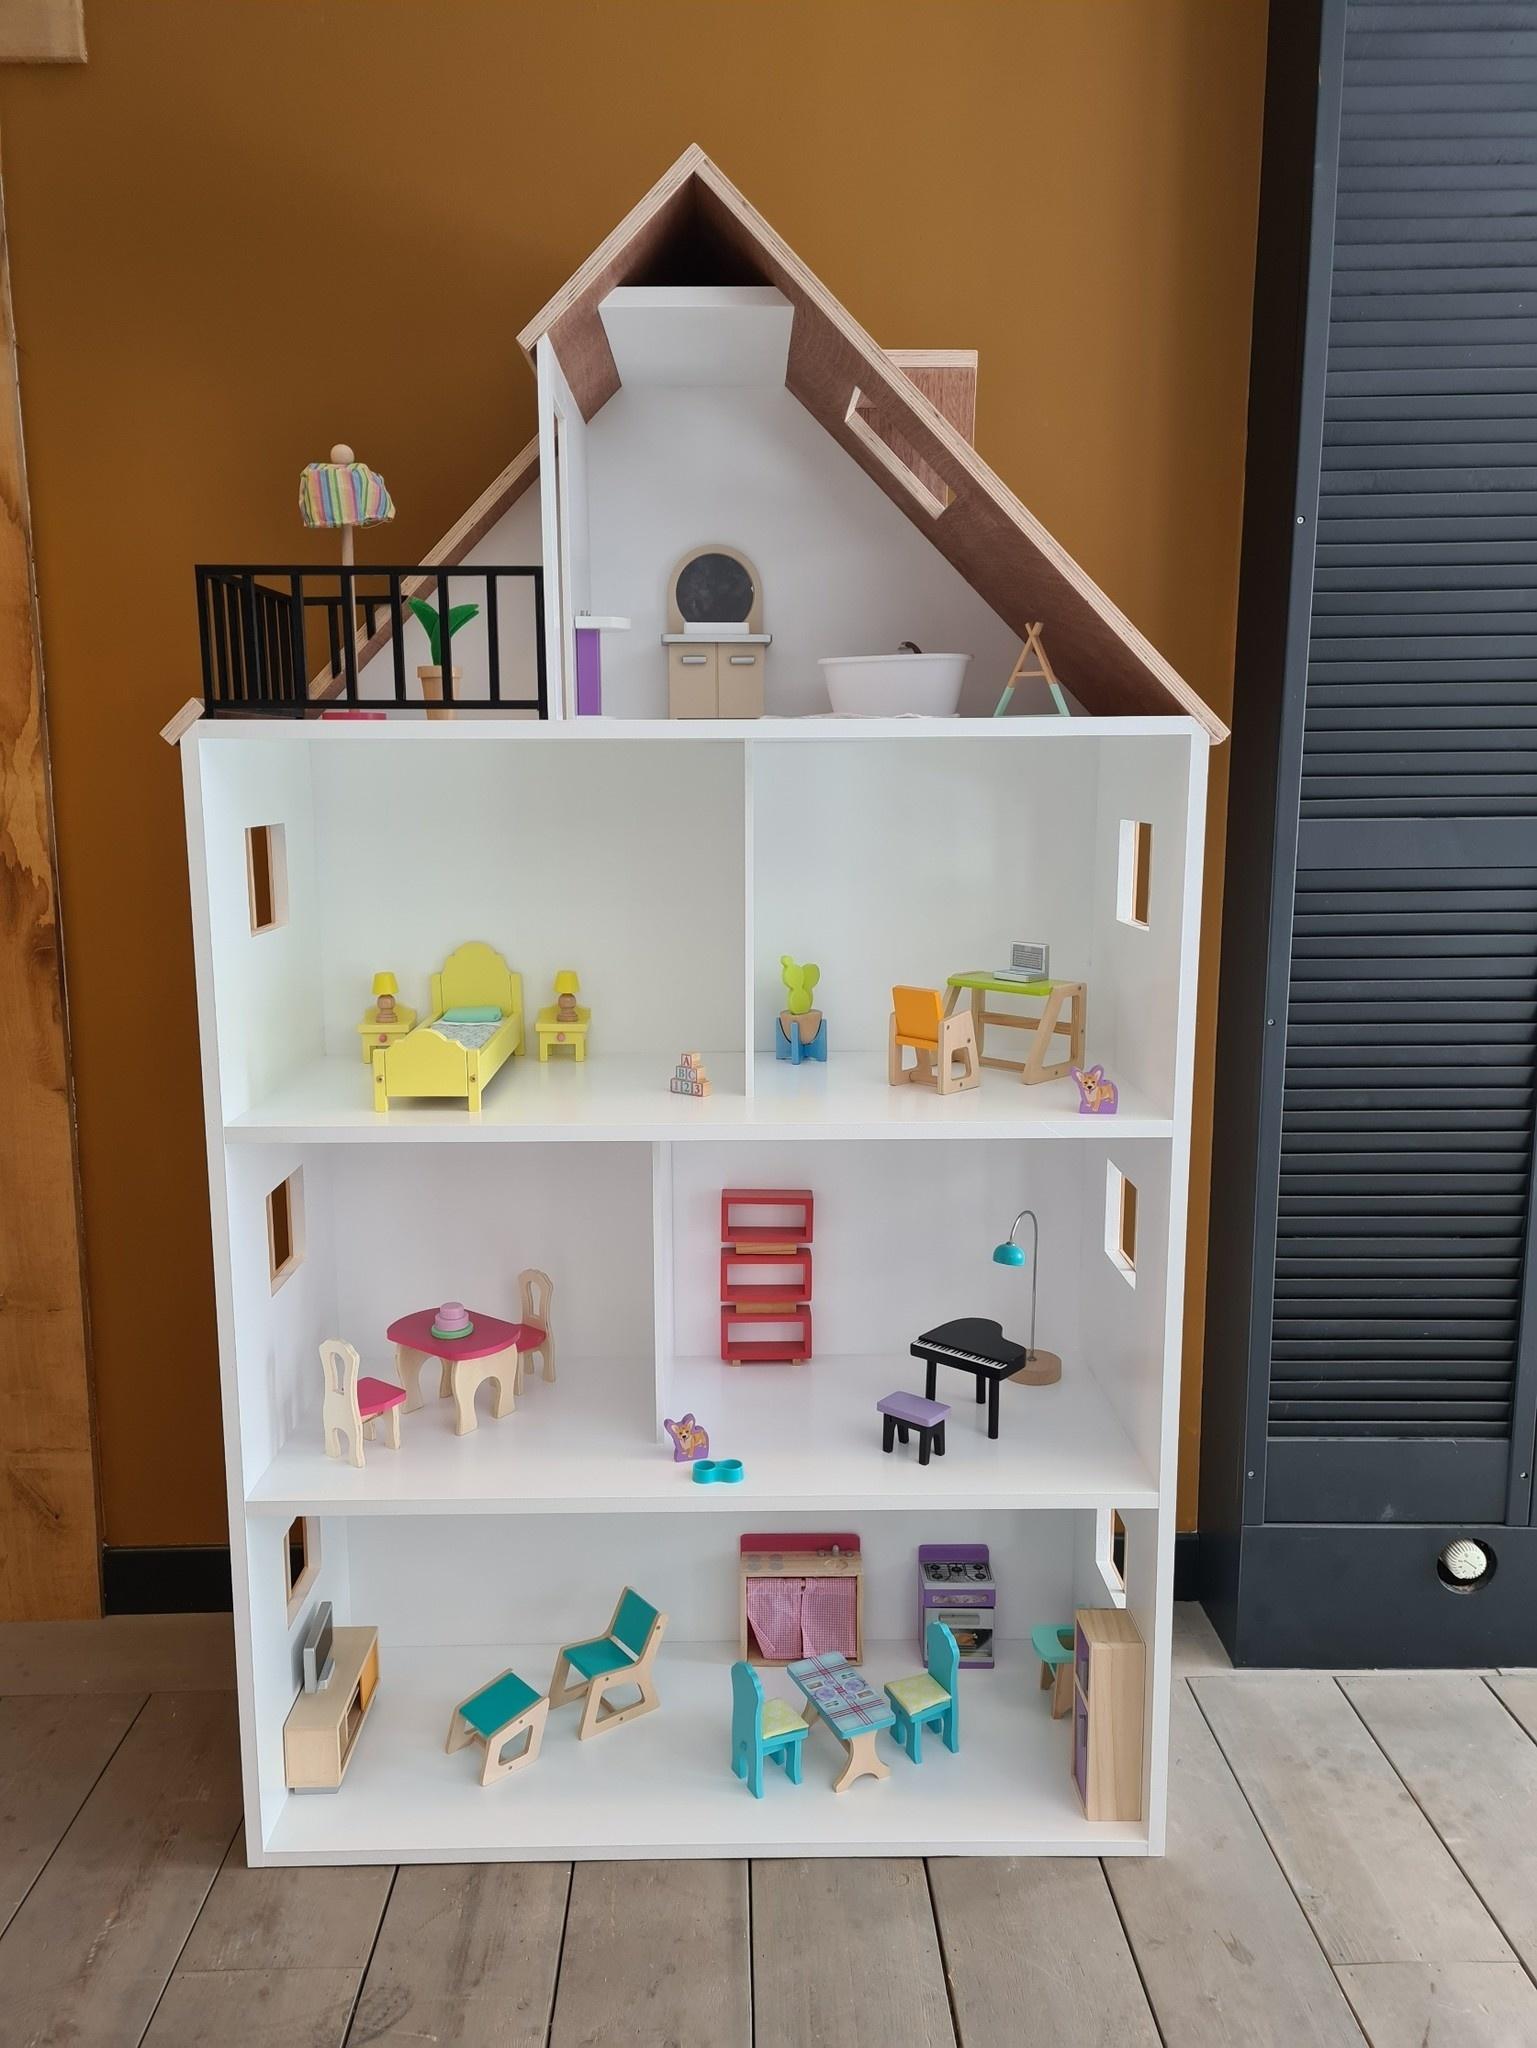 Barbiehuis met ramen, dakterras en dakkapel-1